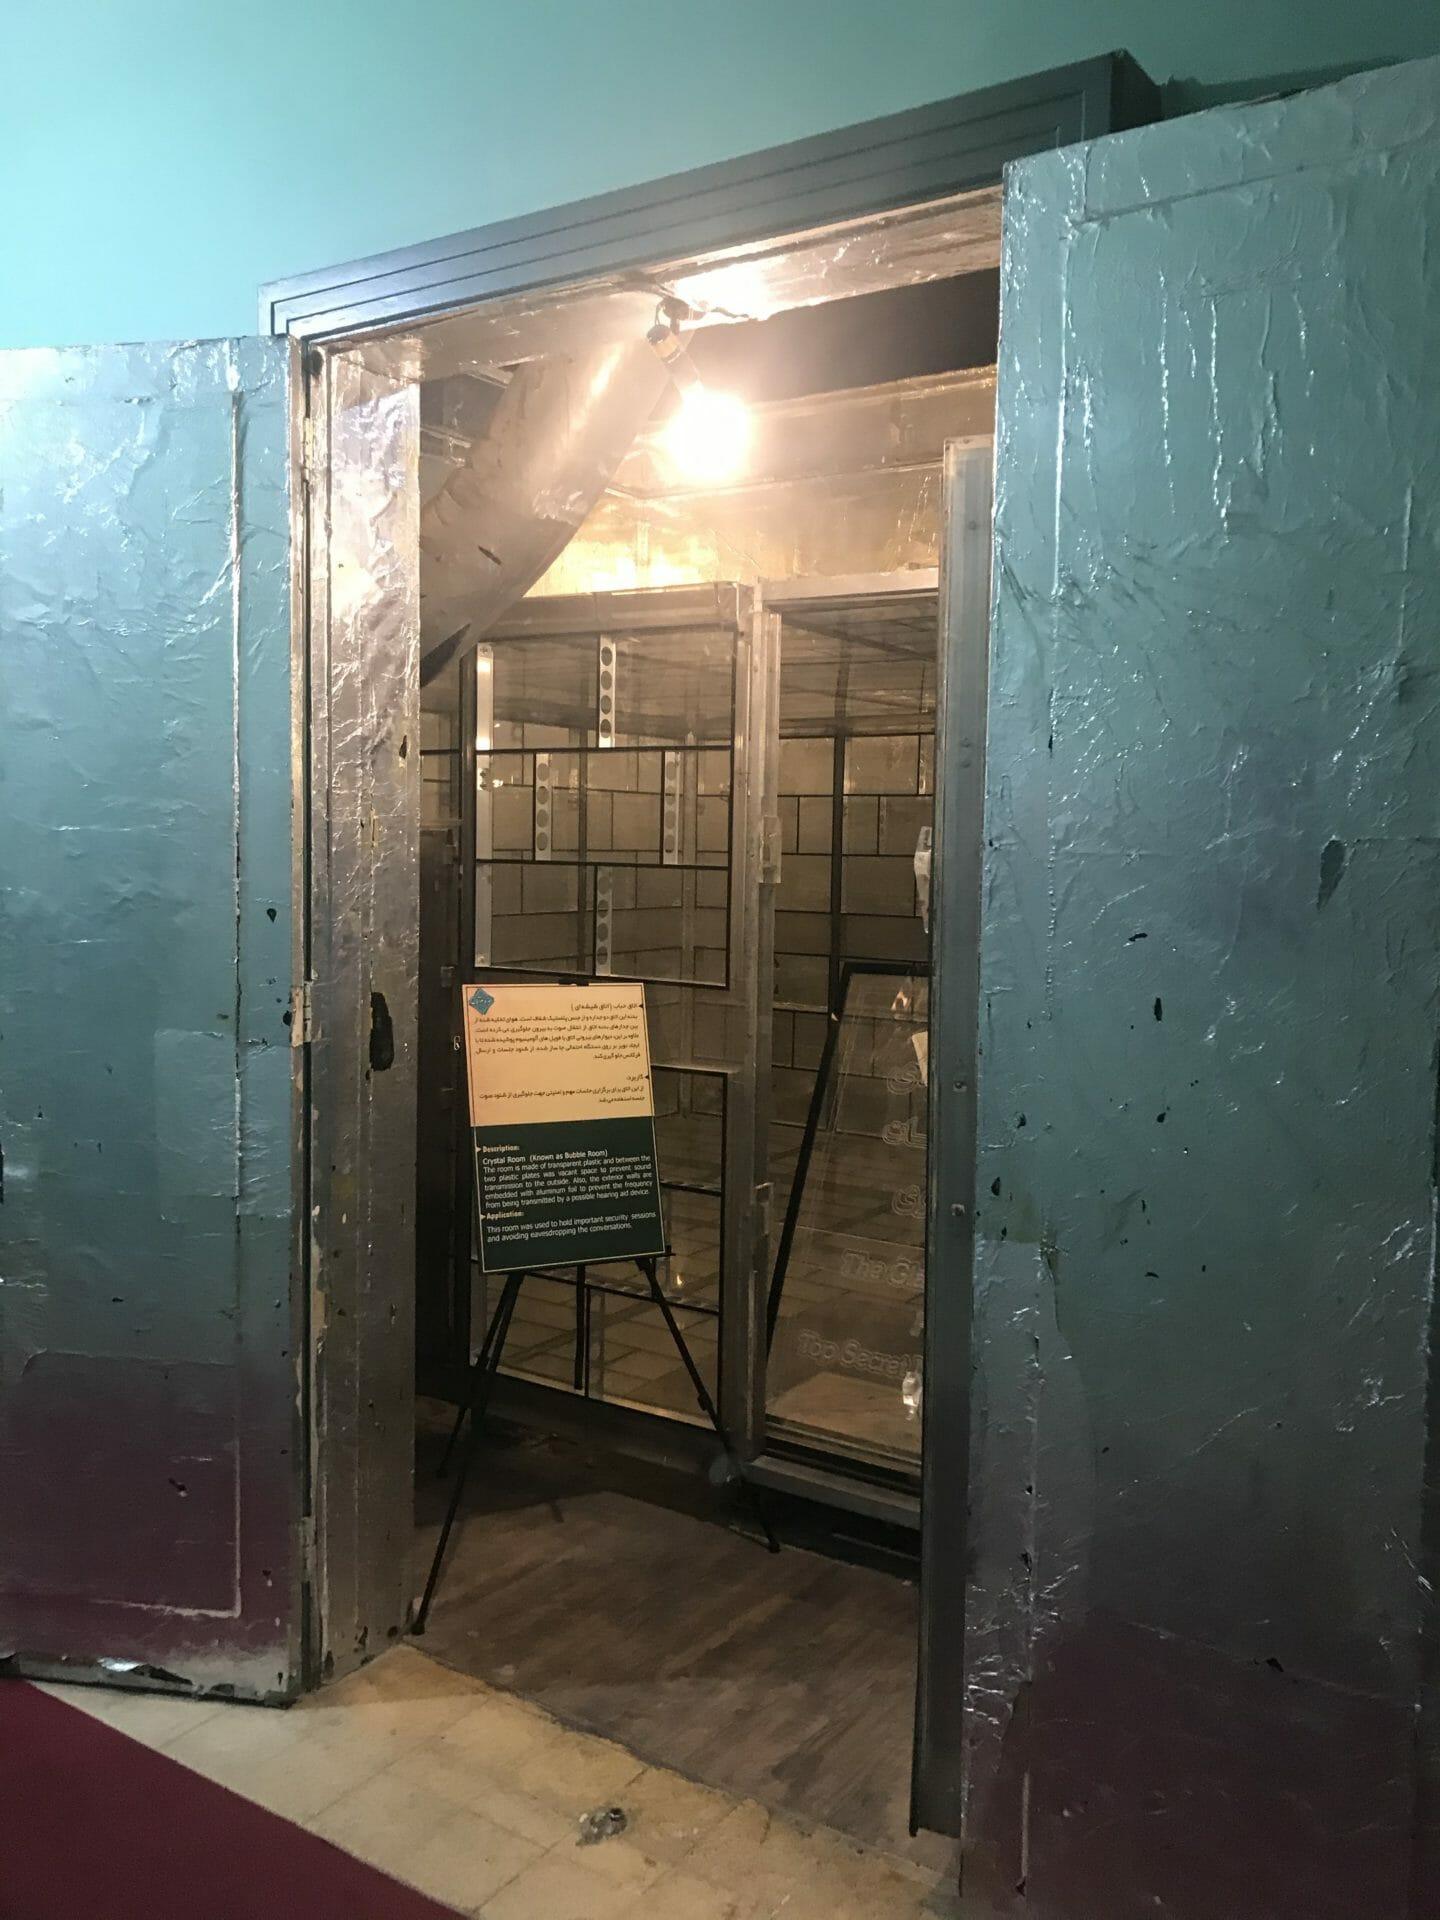 Sala anti espionaje